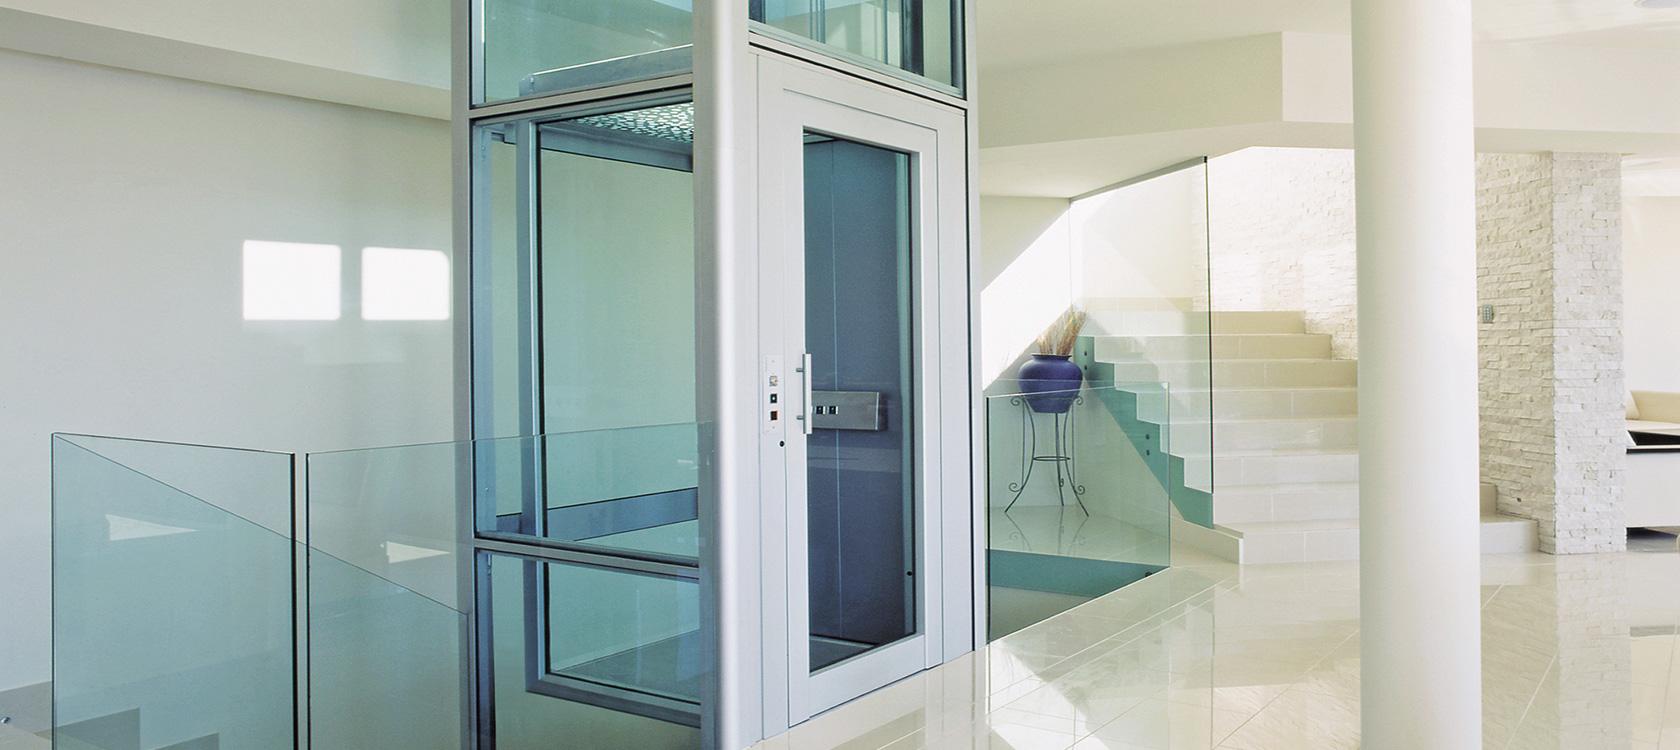 Mini ascensori e piattaforme elevatrici scale e for Ascenseur de maison prix